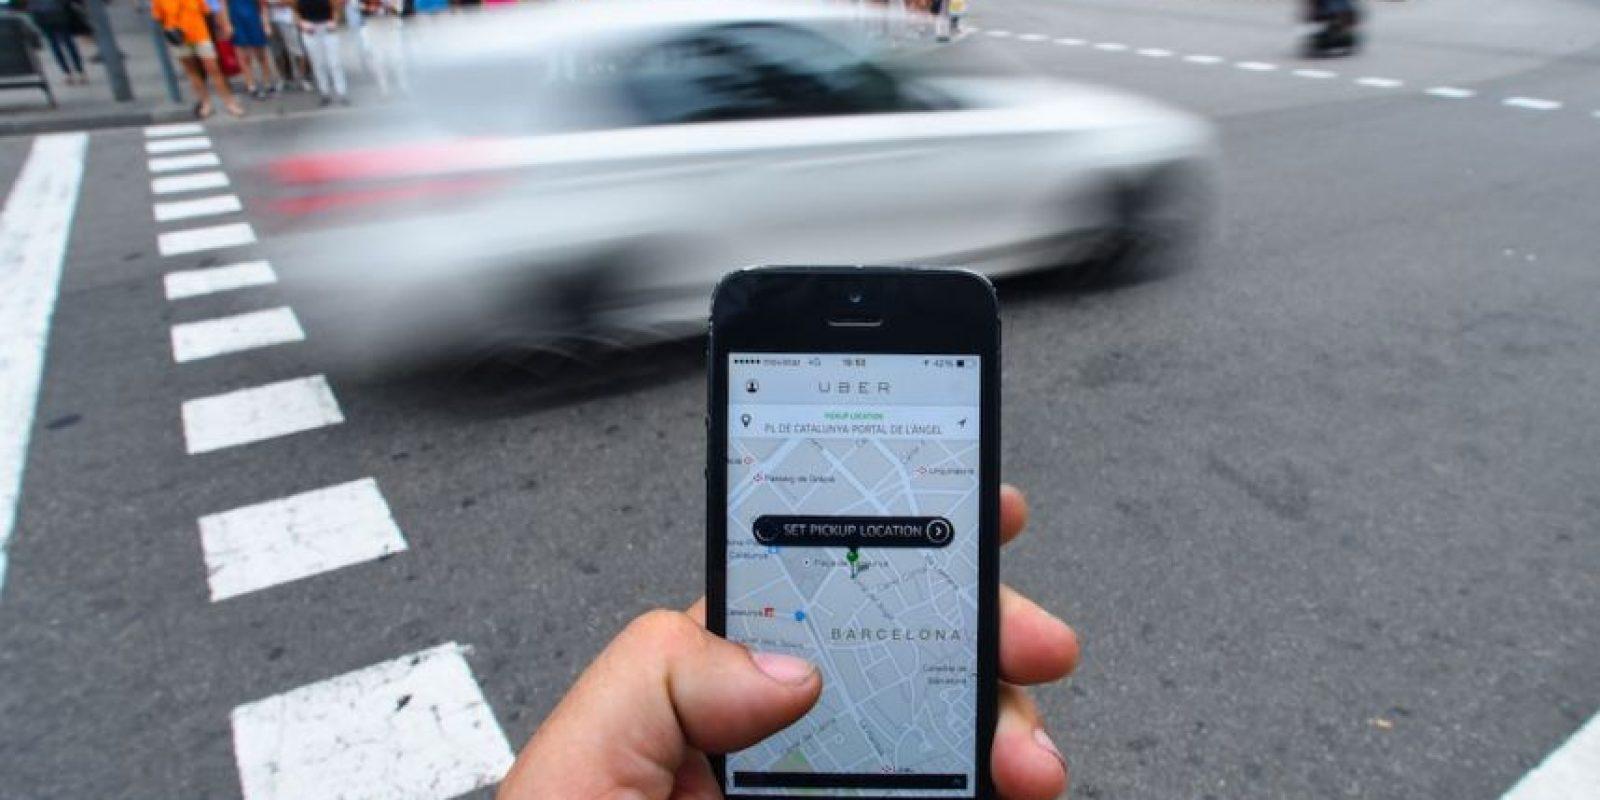 En mayo pasado, la Policía Regional de York en Toronto, Canadá, presentó cargos contra un conductor por presuntamente agredir sexualmente a un pasajero, como indicó el sitio NM Noticias Montreal. Foto:Getty Images